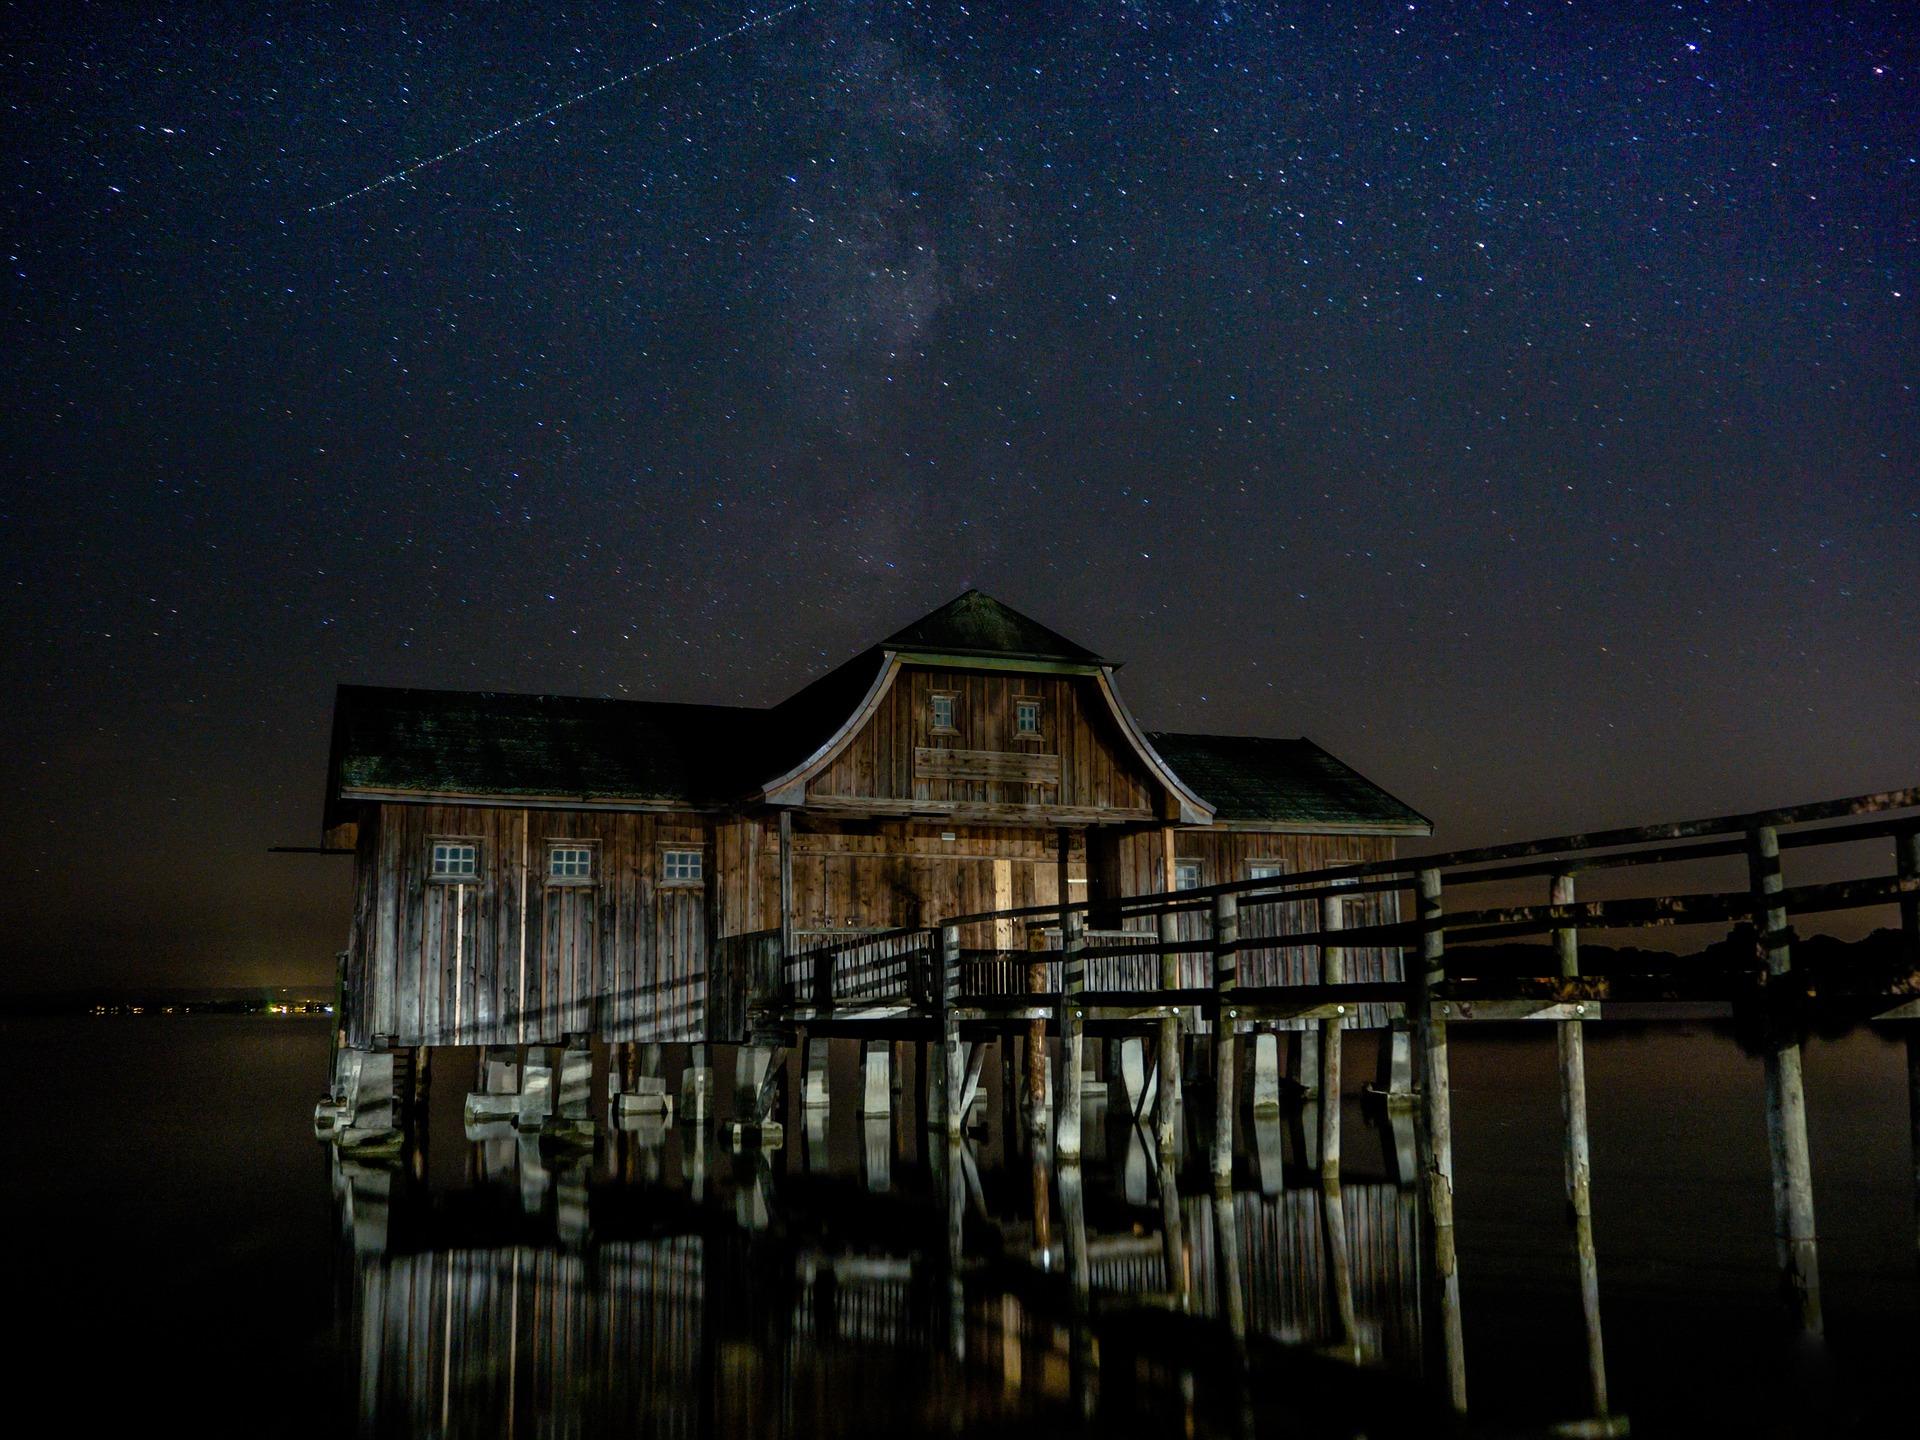 cabane sur pilotis de nuit